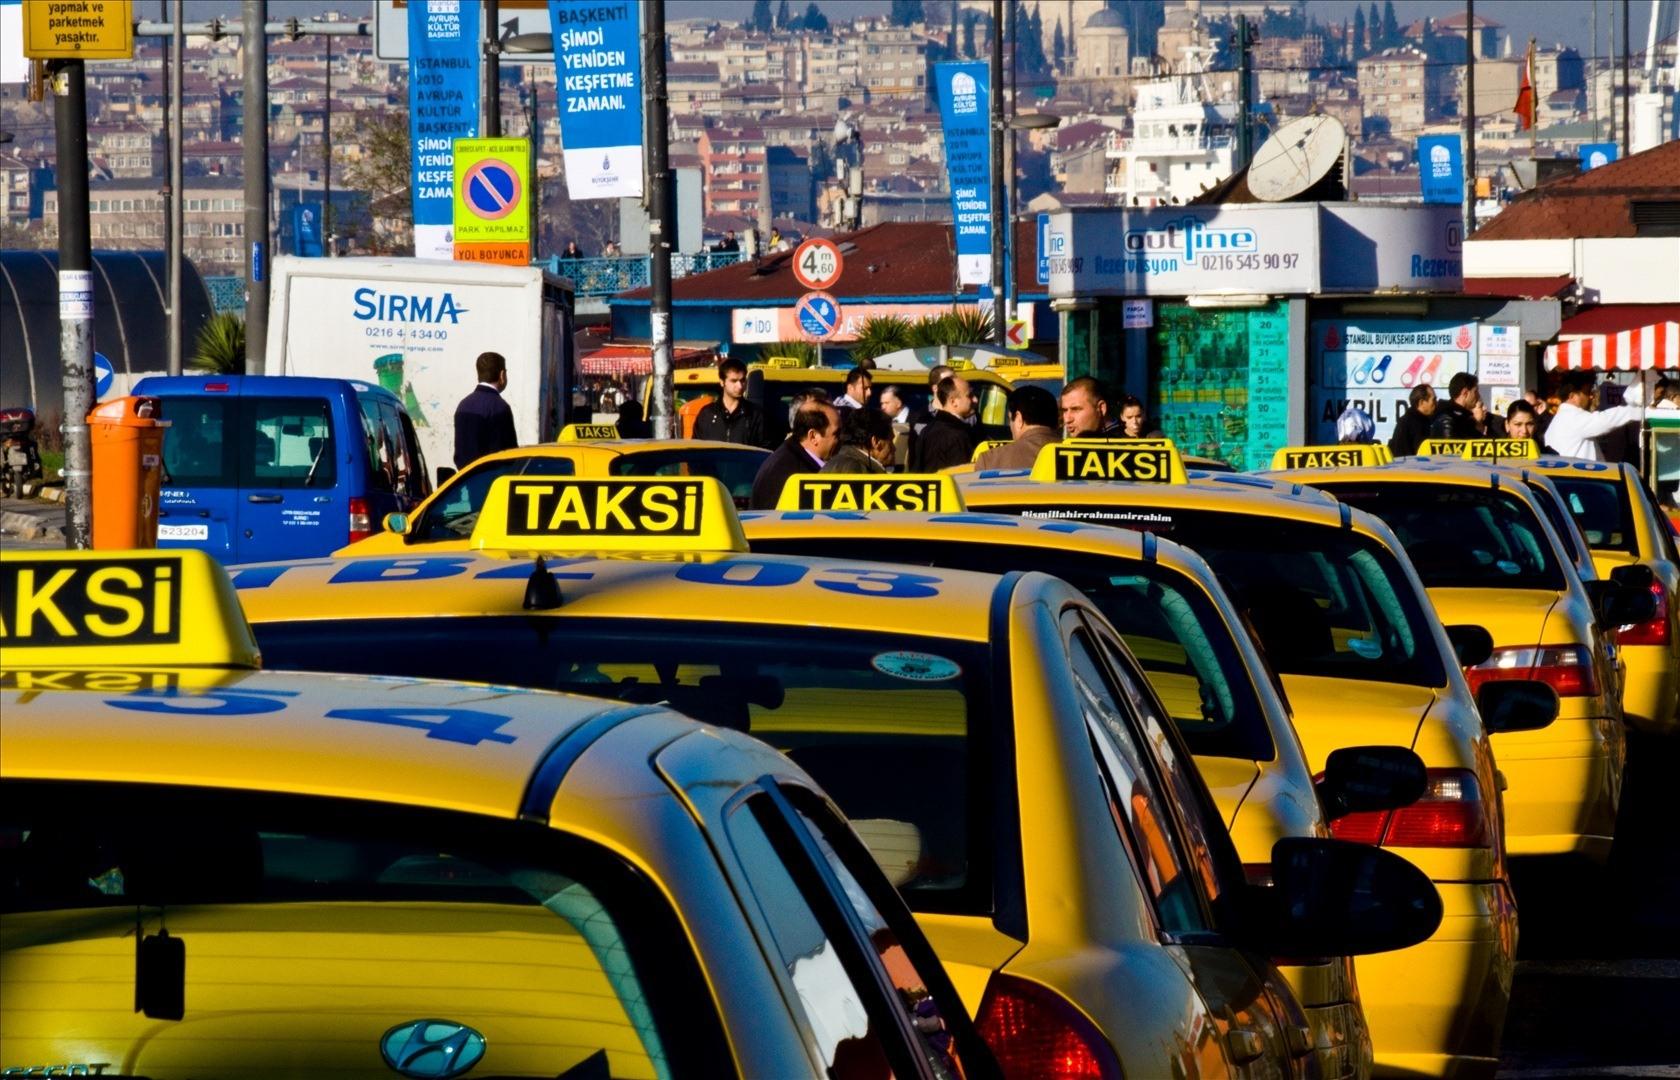 istanbul taksiler ile ilgili görsel sonucu